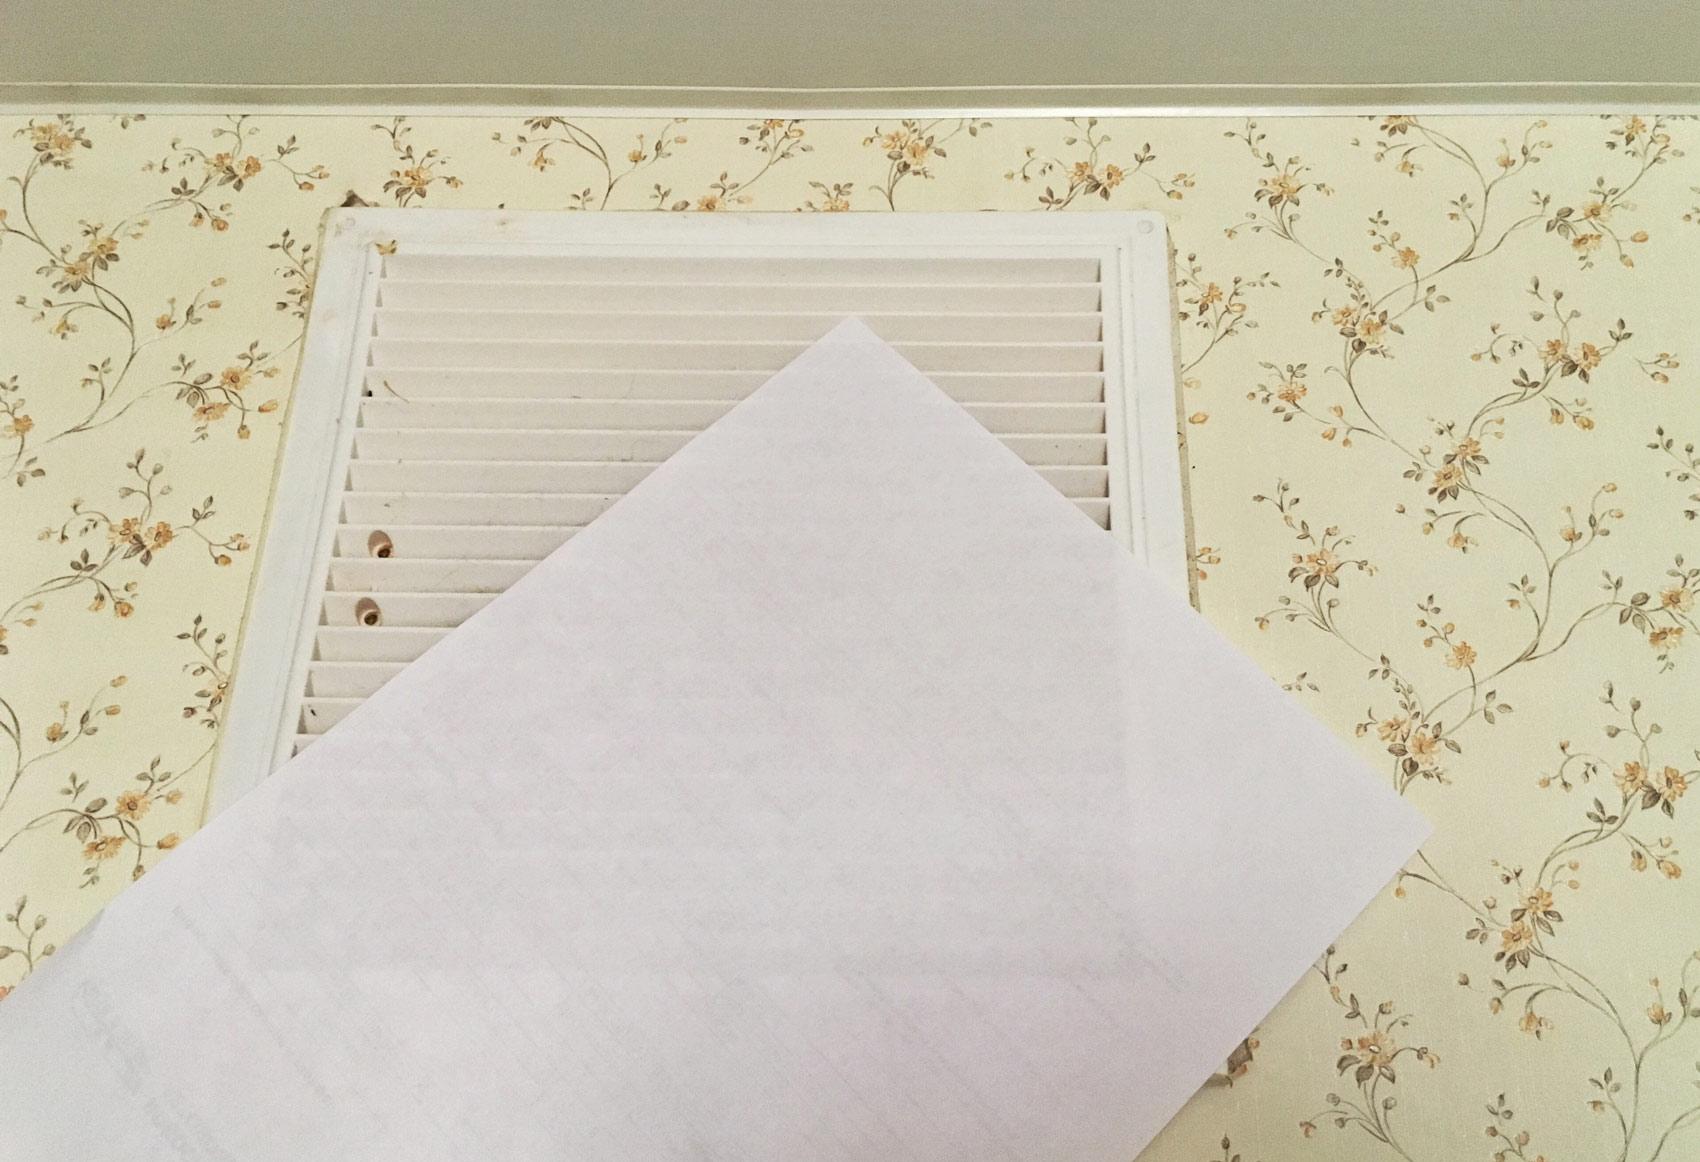 Лист бумаги притянуло к решетке вентиляции — значит, вентиляция работает, воздух уходит